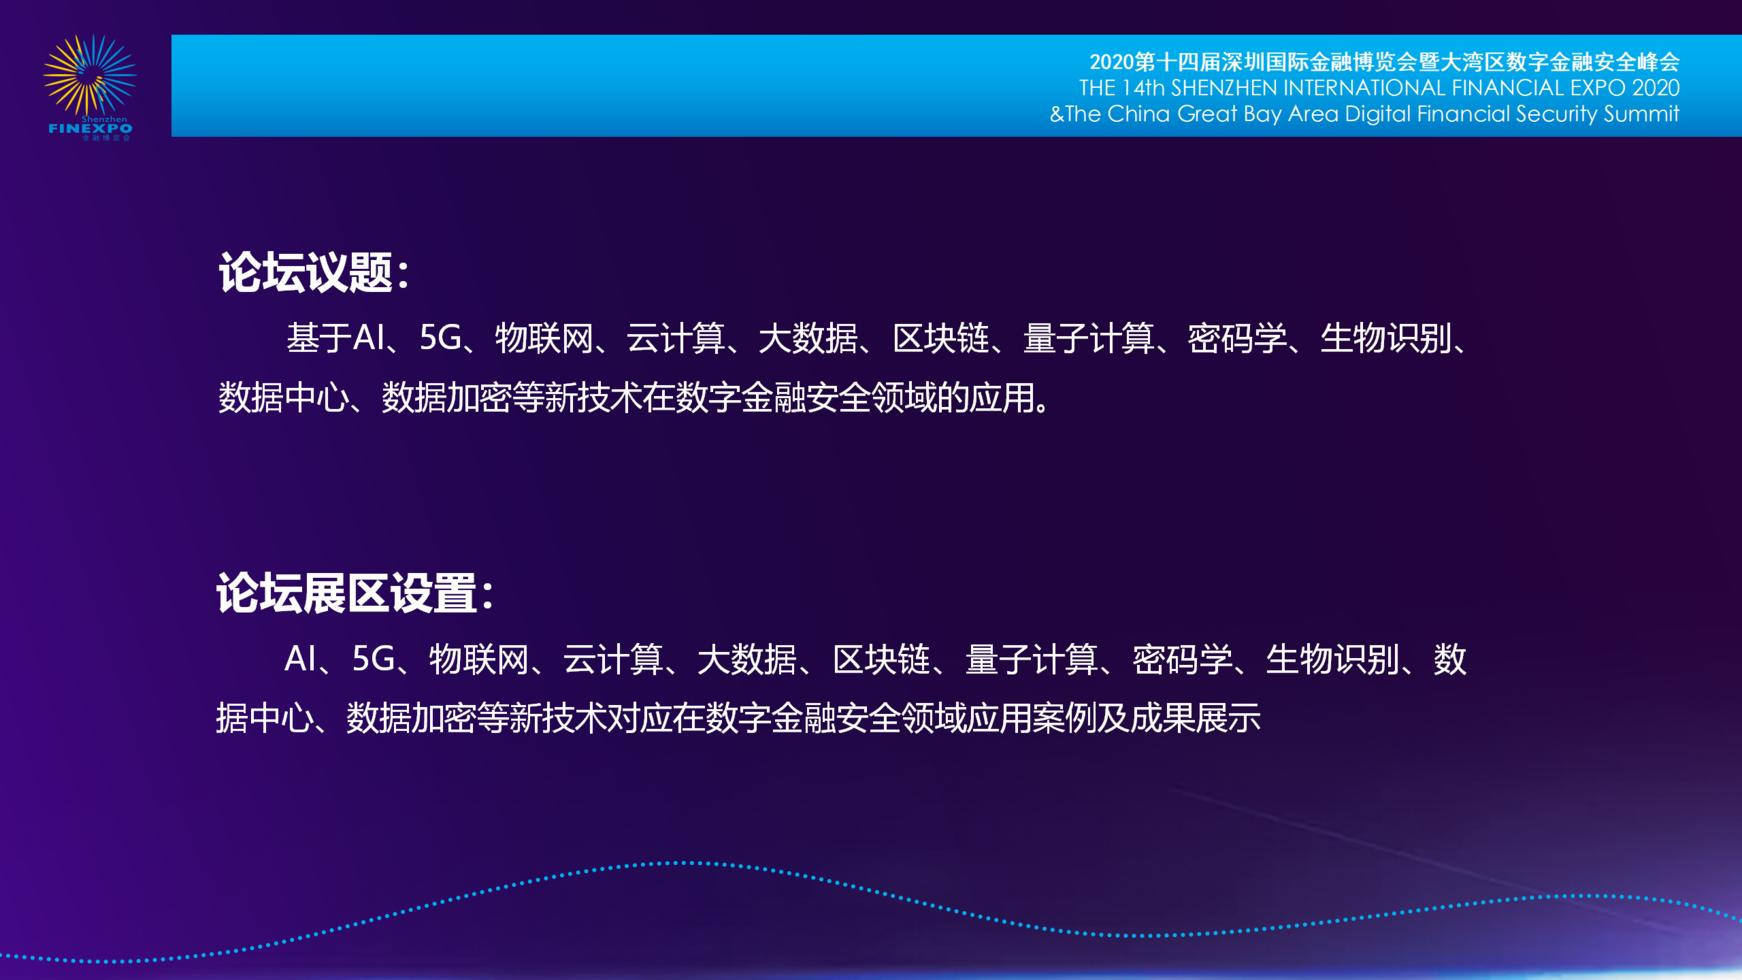 2020数字金融安全峰邀请函_05.png